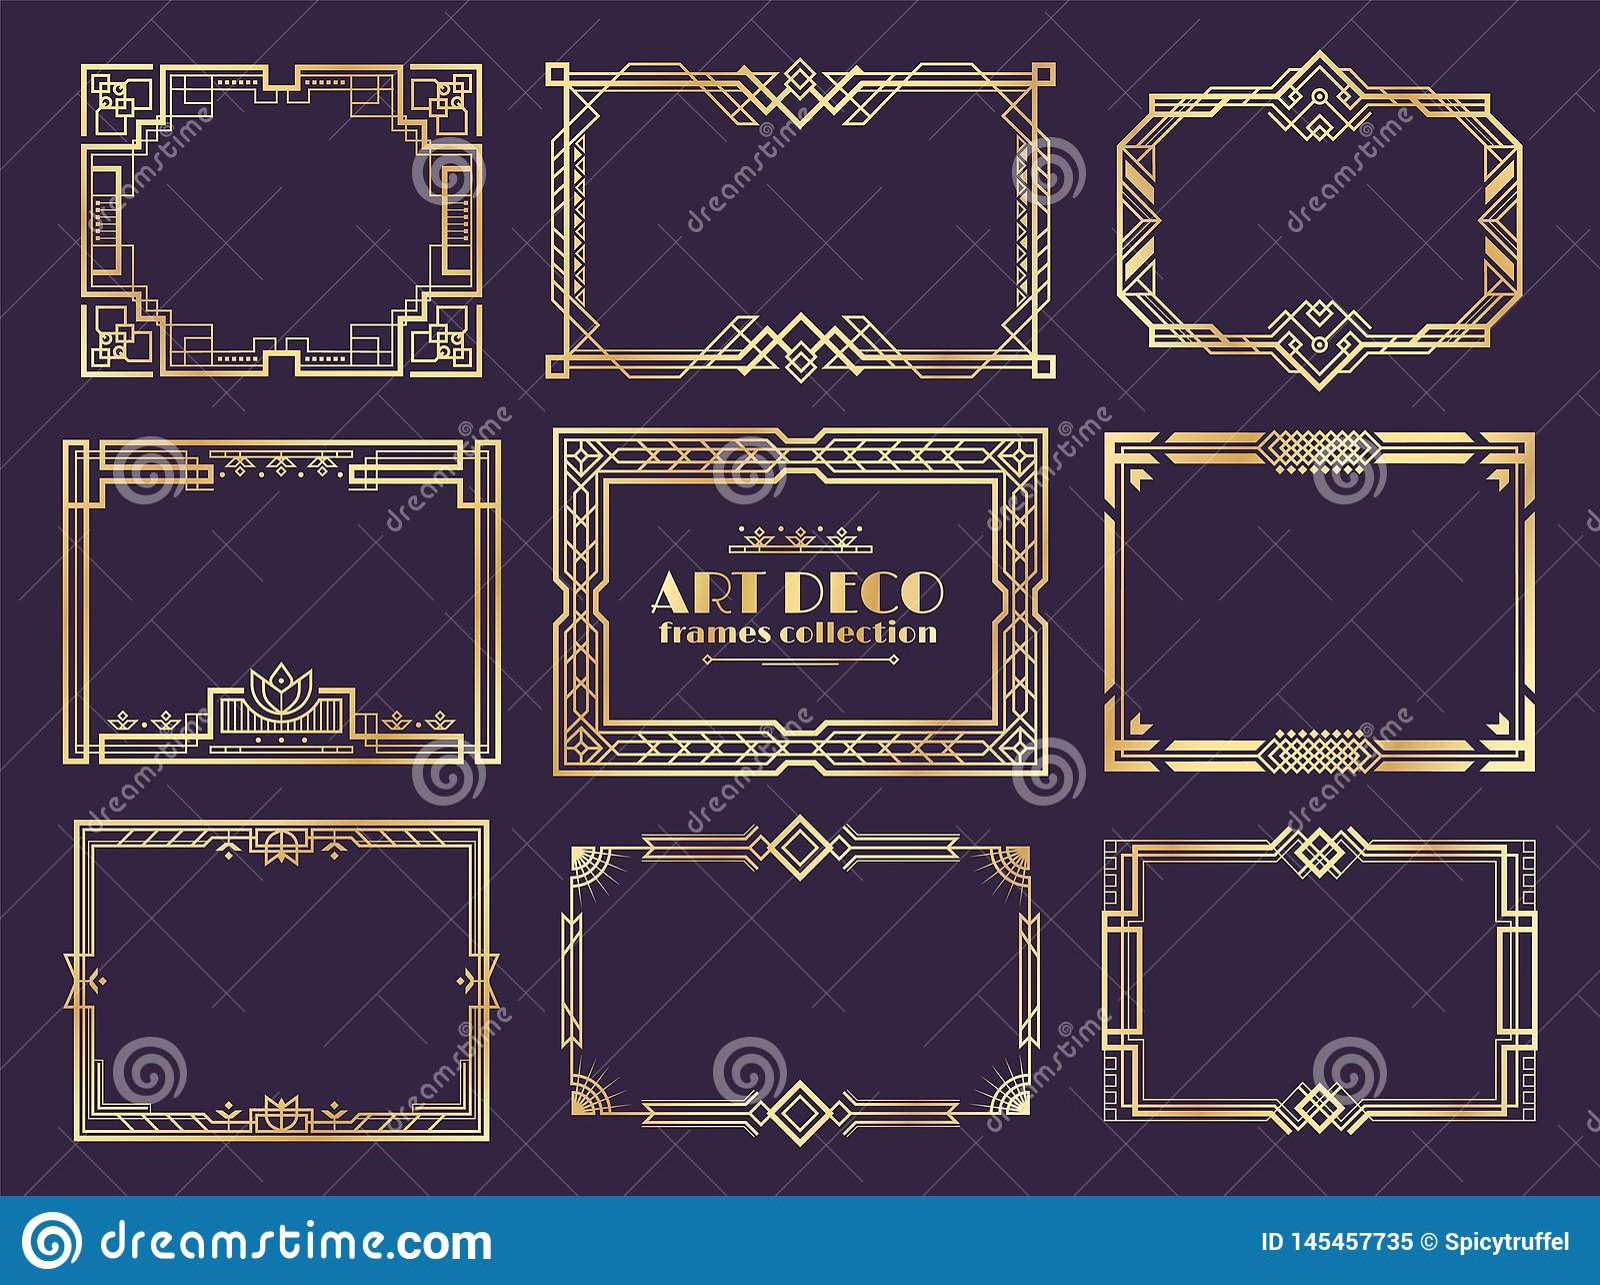 Beiras do art deco quadros dourados dos anos 20, elementos decorativos da fantasia do nouveau para cartazes do vintage Ornamento